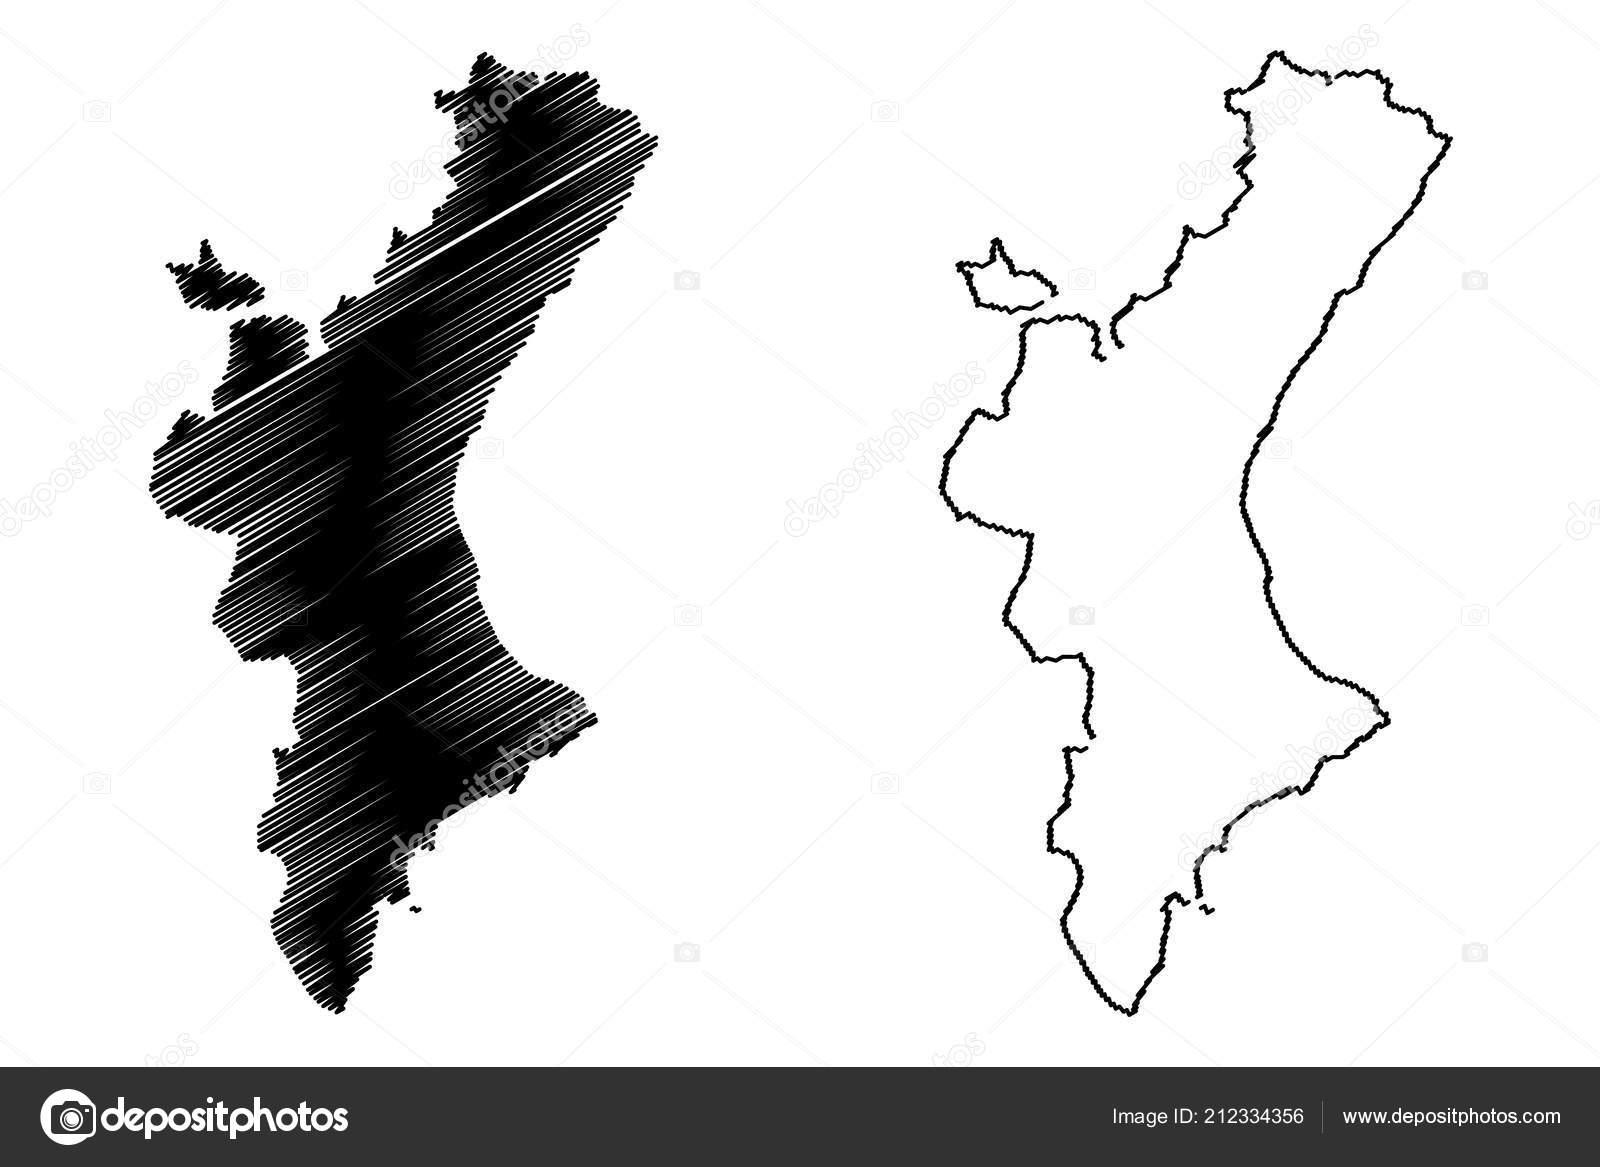 Autonome Regionen Spanien Karte.Valencianische Gemeinschaft Konigreich Von Spanien Autonome